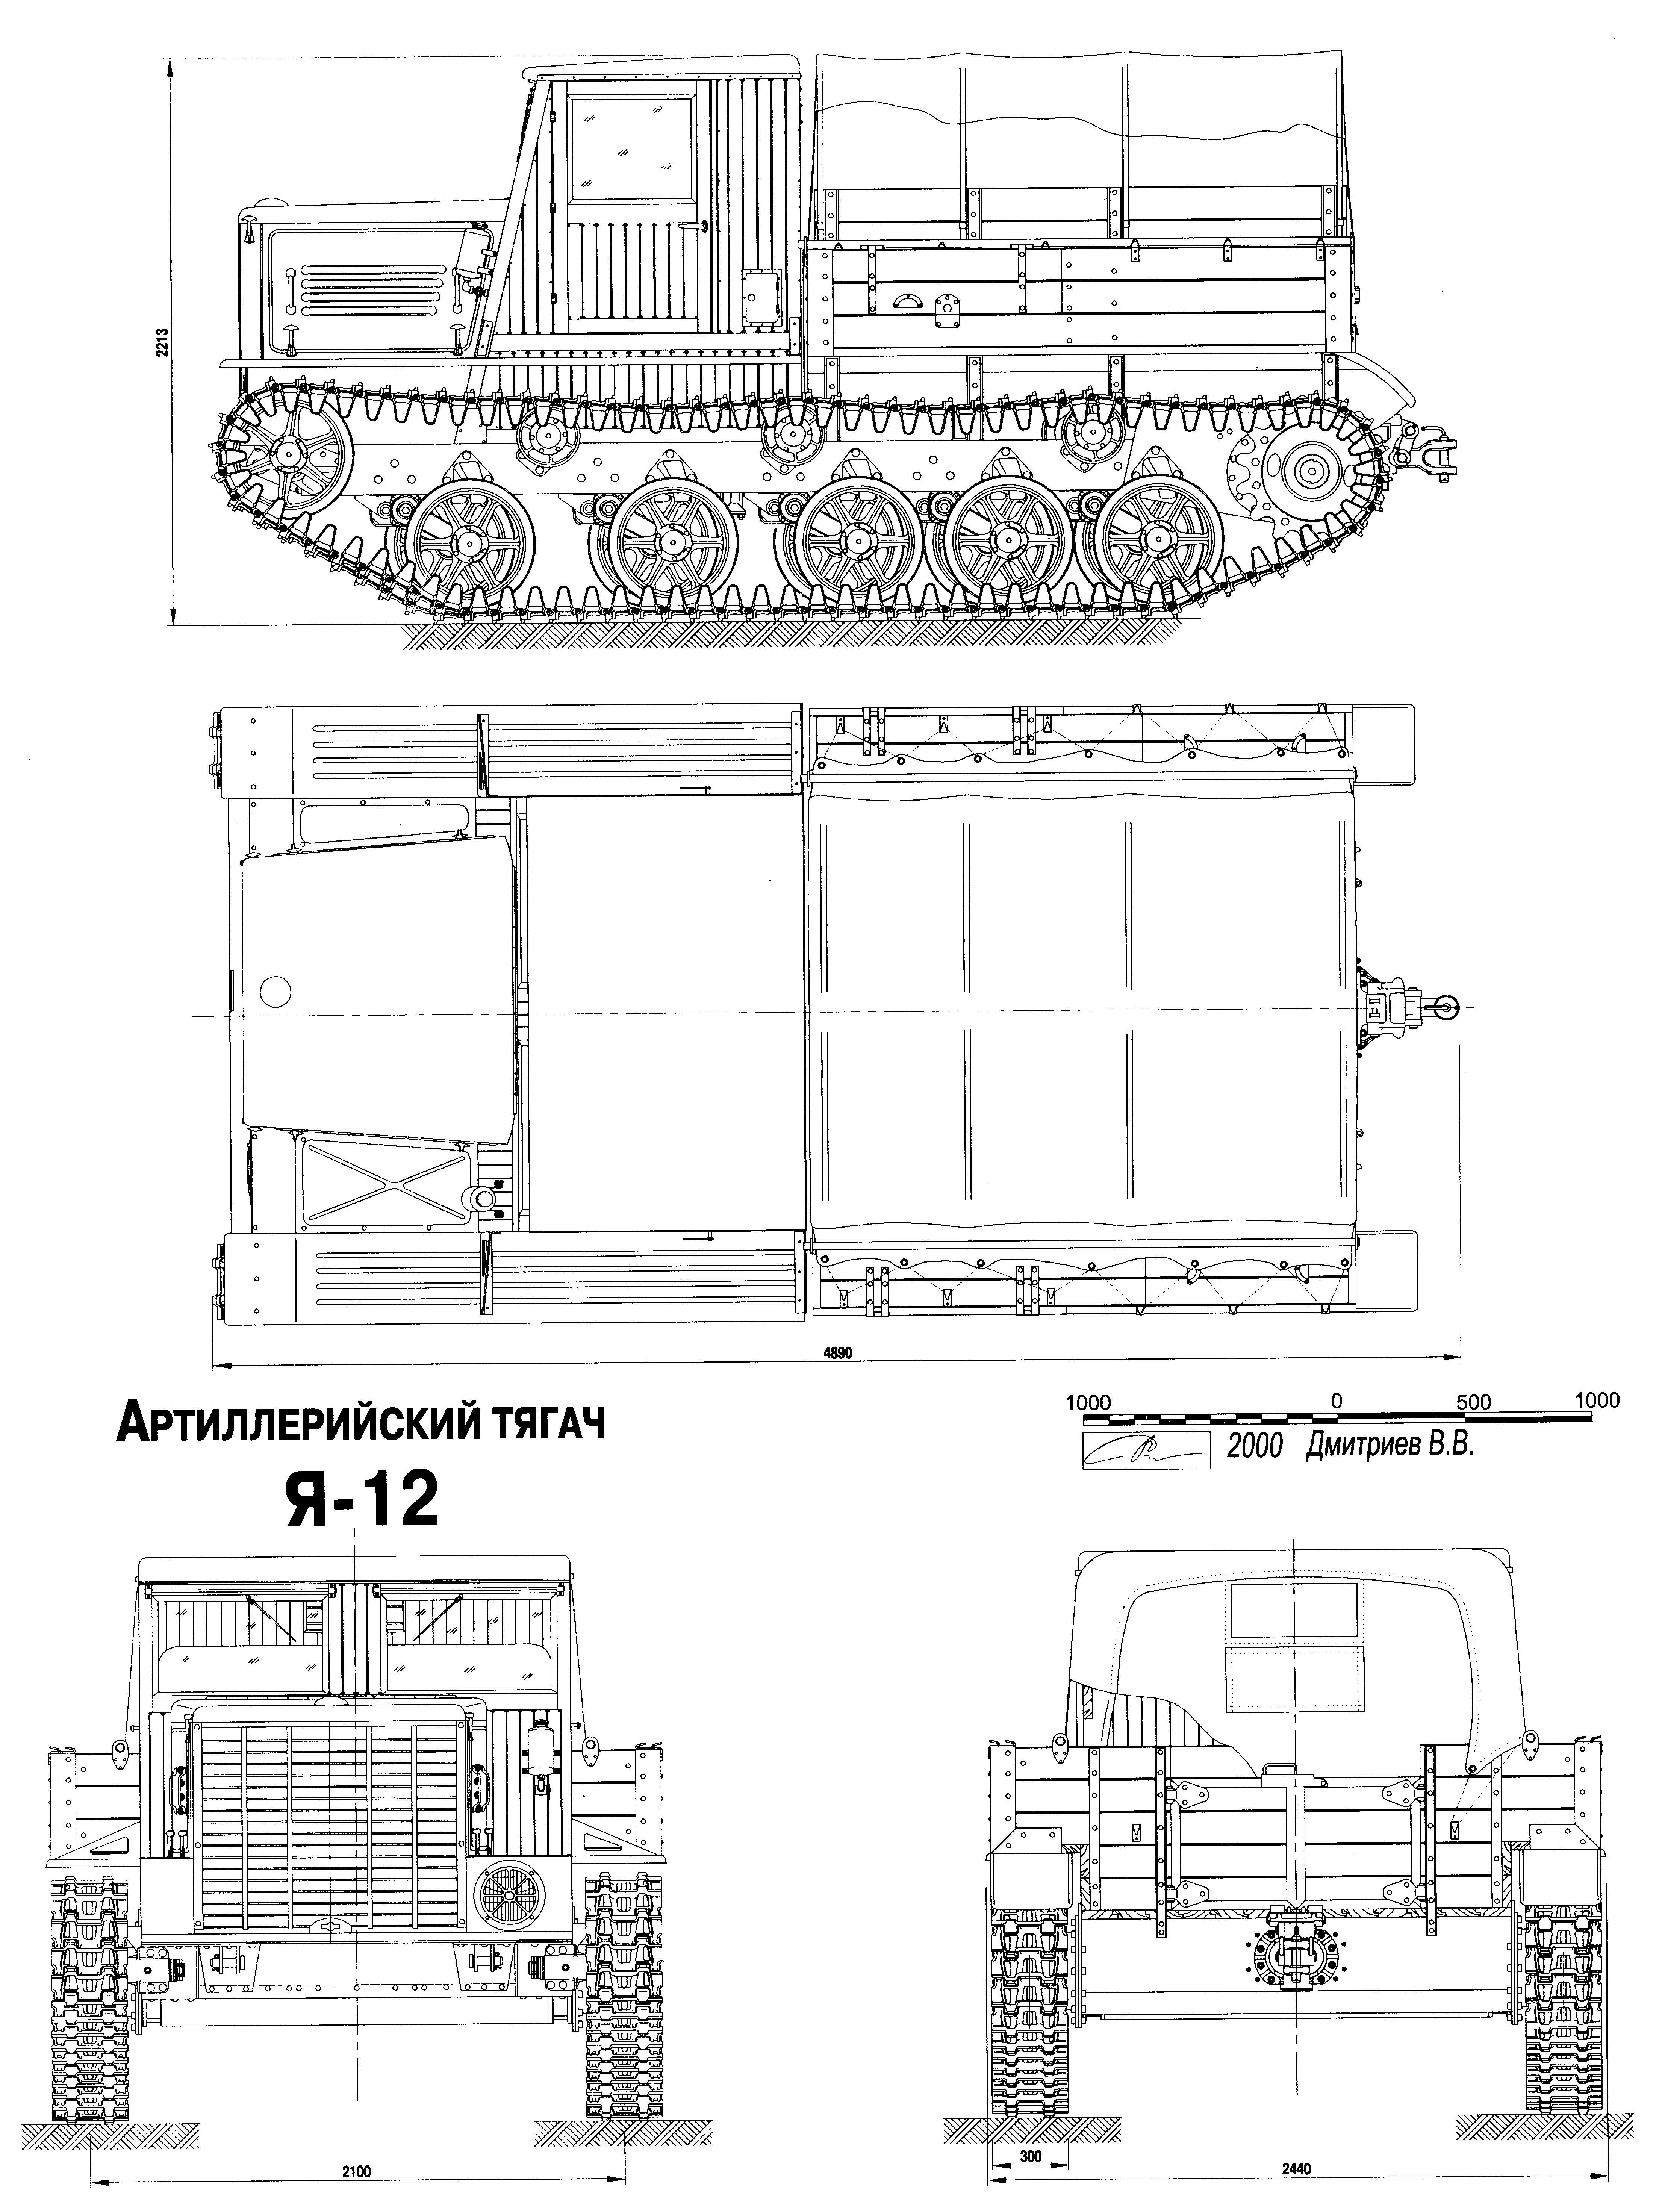 YA-12 blueprint